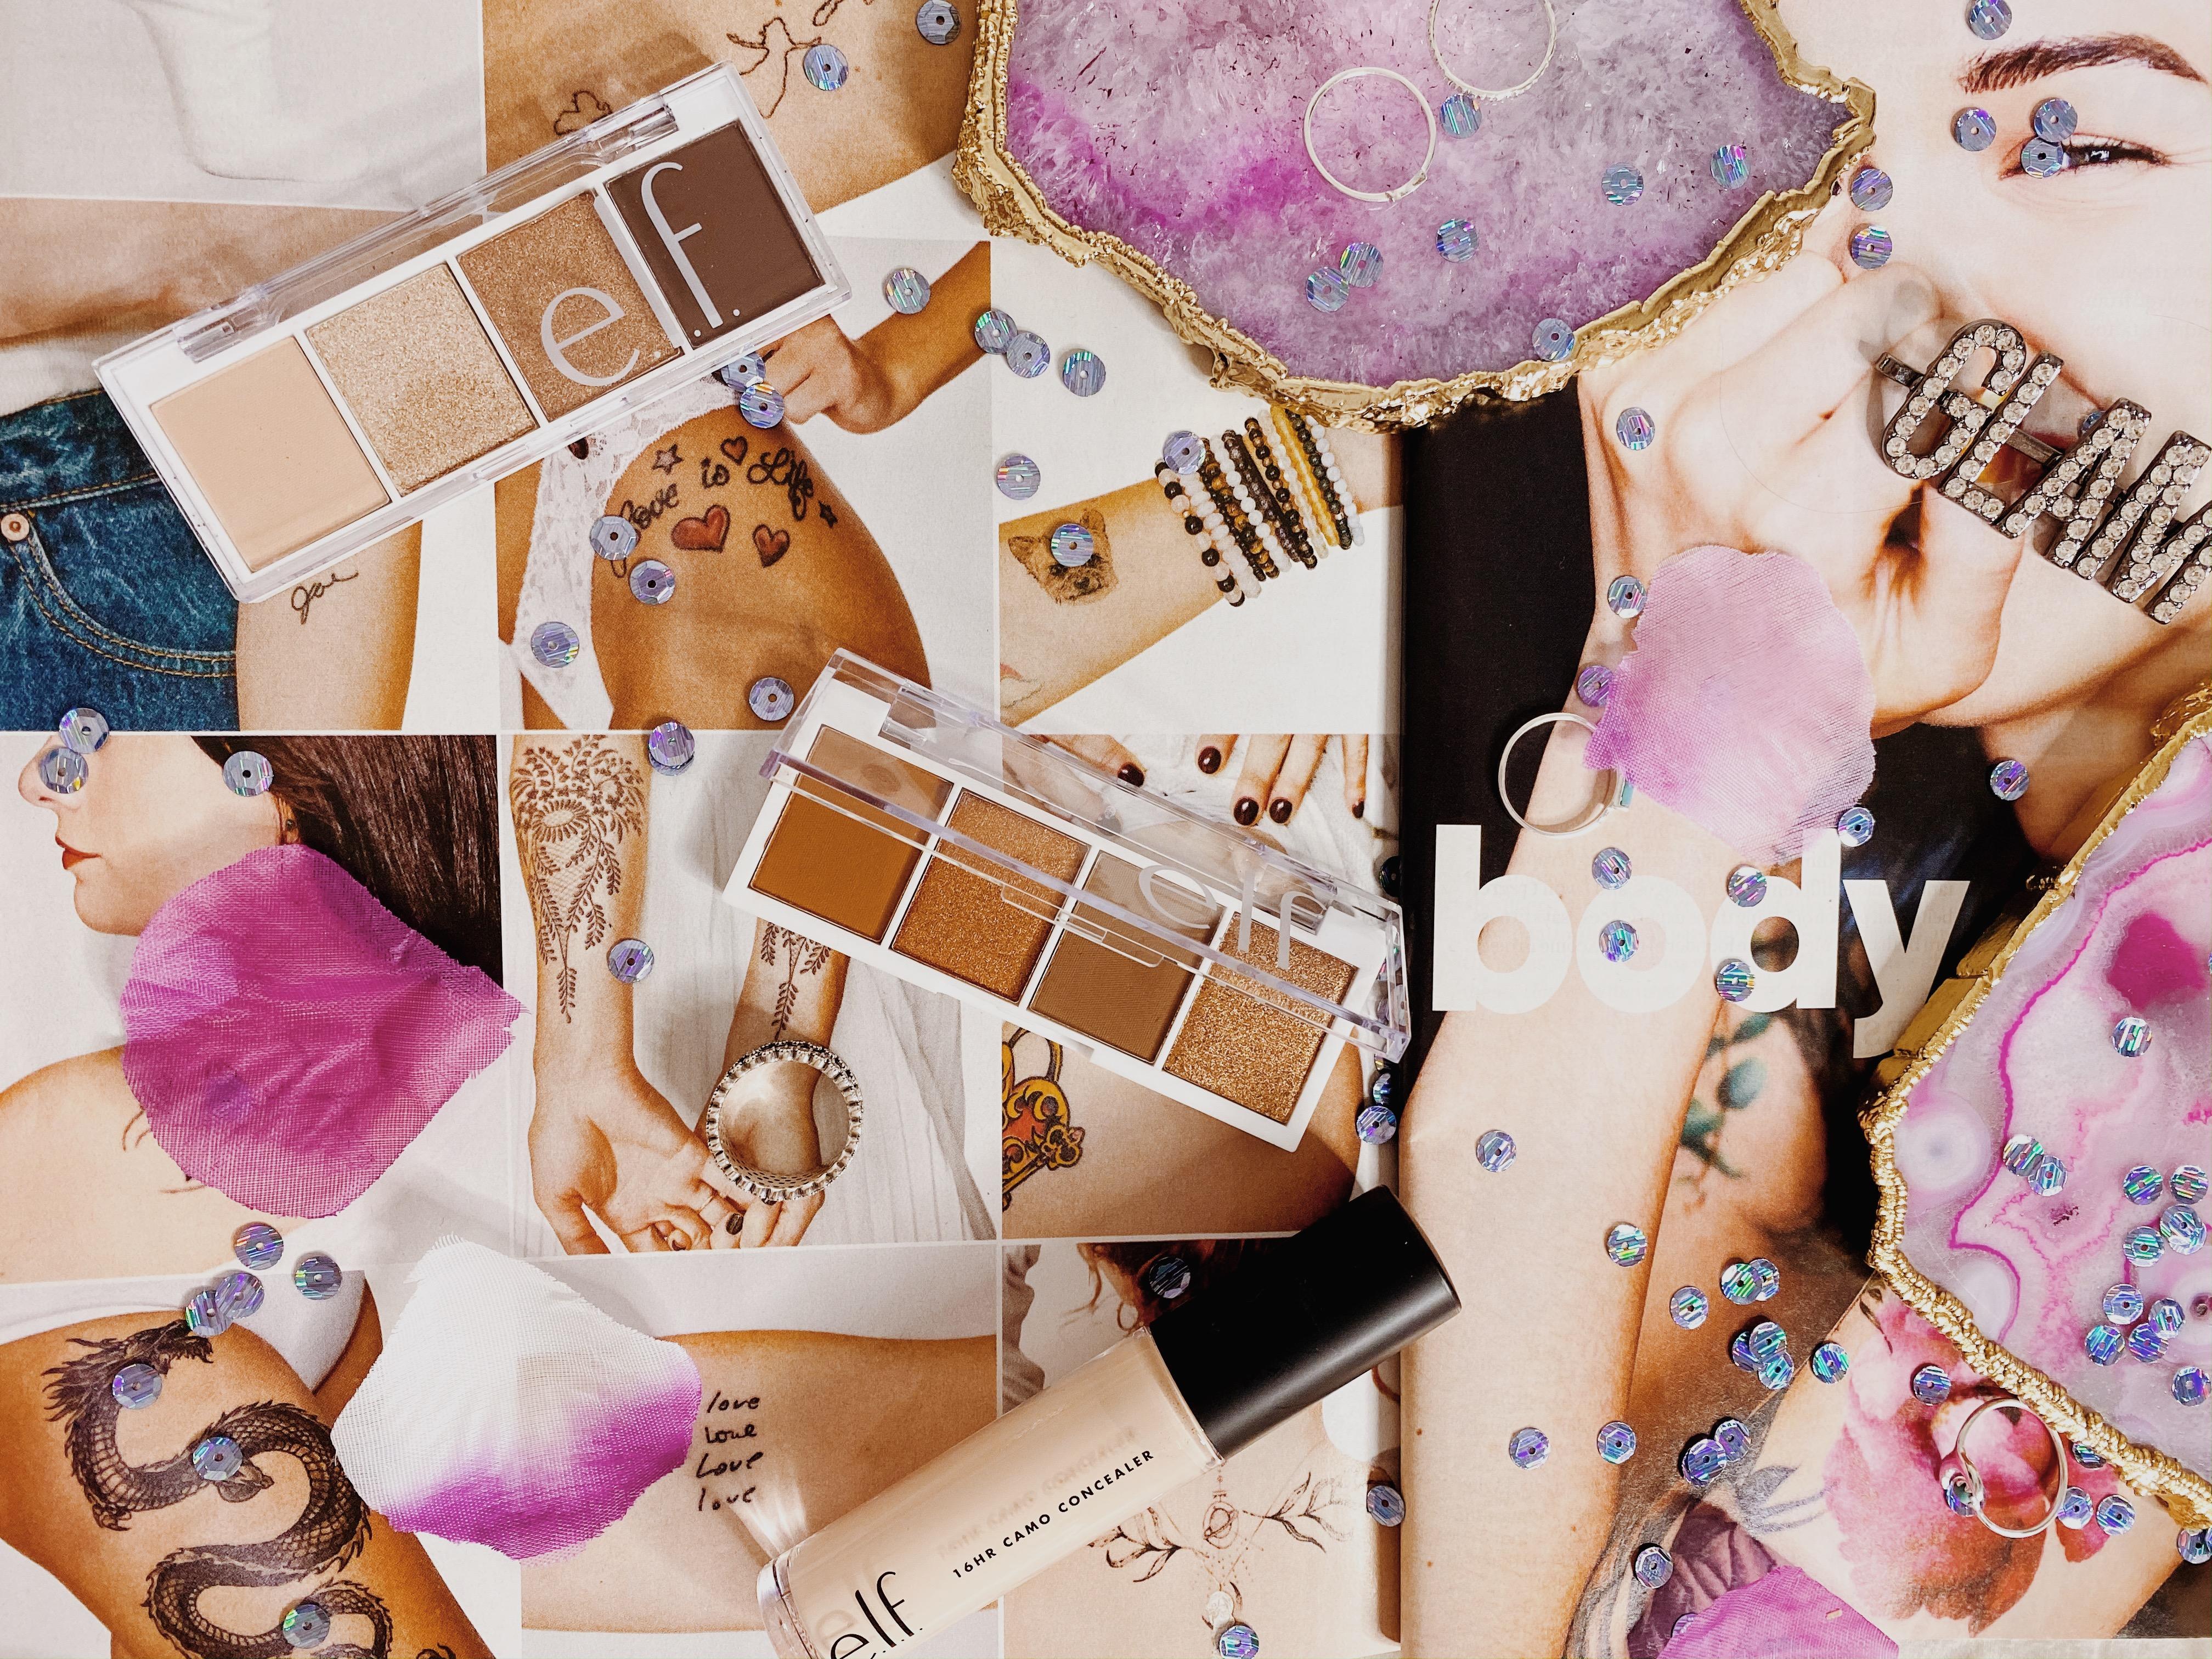 e.l.f. cosmetics pumpkin spice bite sized palette review | cream and sugar bite sized palette | e.l.f. cosmetics 16 hour camo concealer | e.l.f. and essence palette ranking